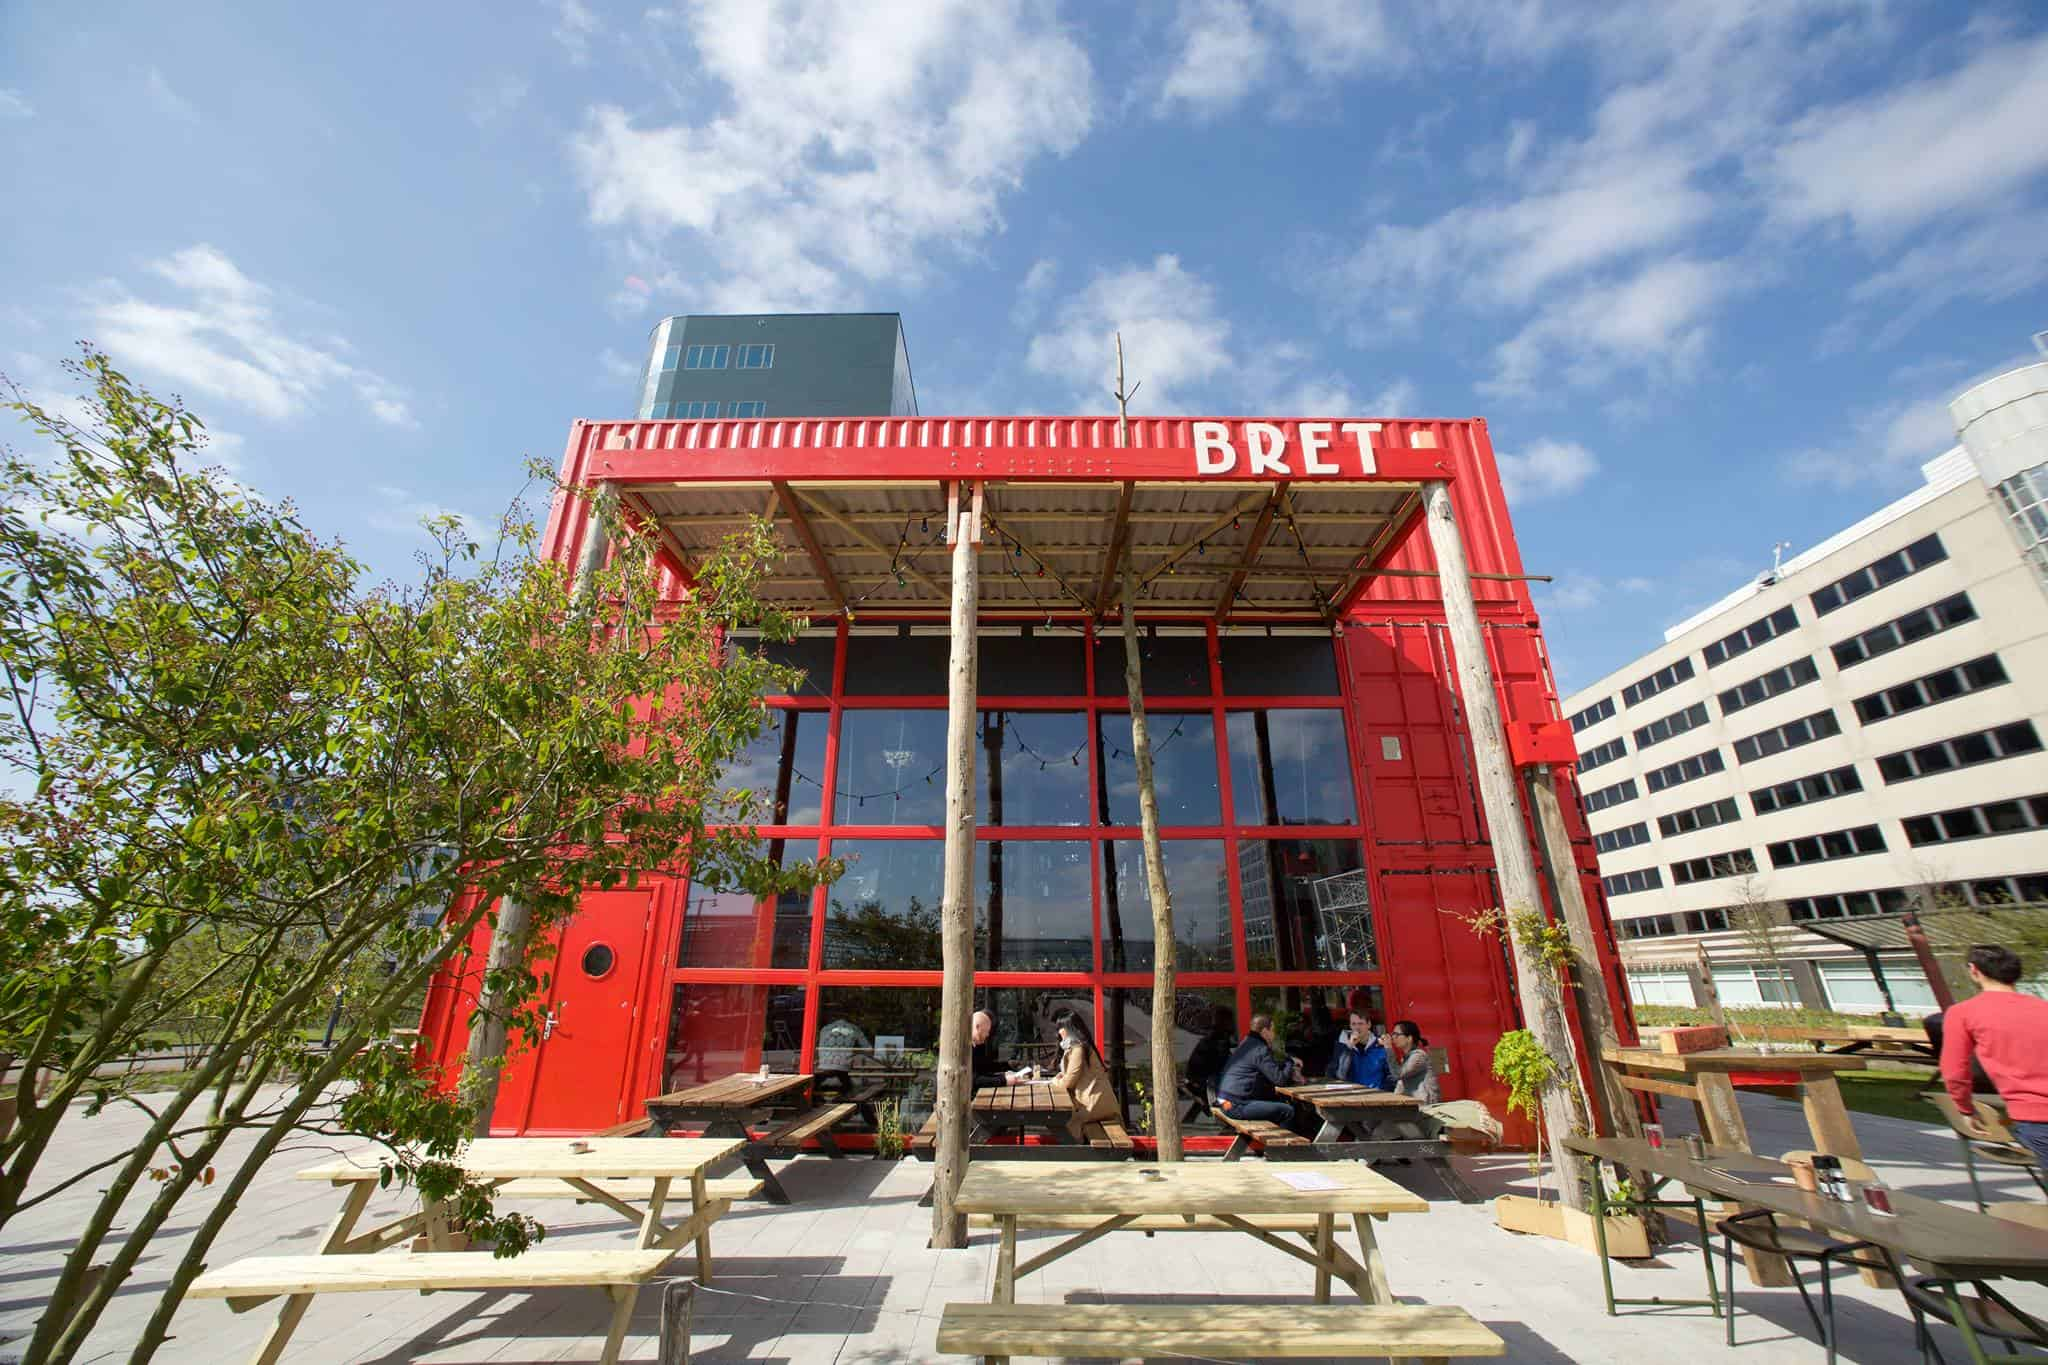 Dineren op het terras, waar kan dat? De zon schijnt weer volop! Waar in Amsterdam West moet je zijn voor een heerlijk diner op het terras? Dit zijn de leukste terrassen van Amsterdam, waar je buiten kunt eten! Terrassen Amsterdam